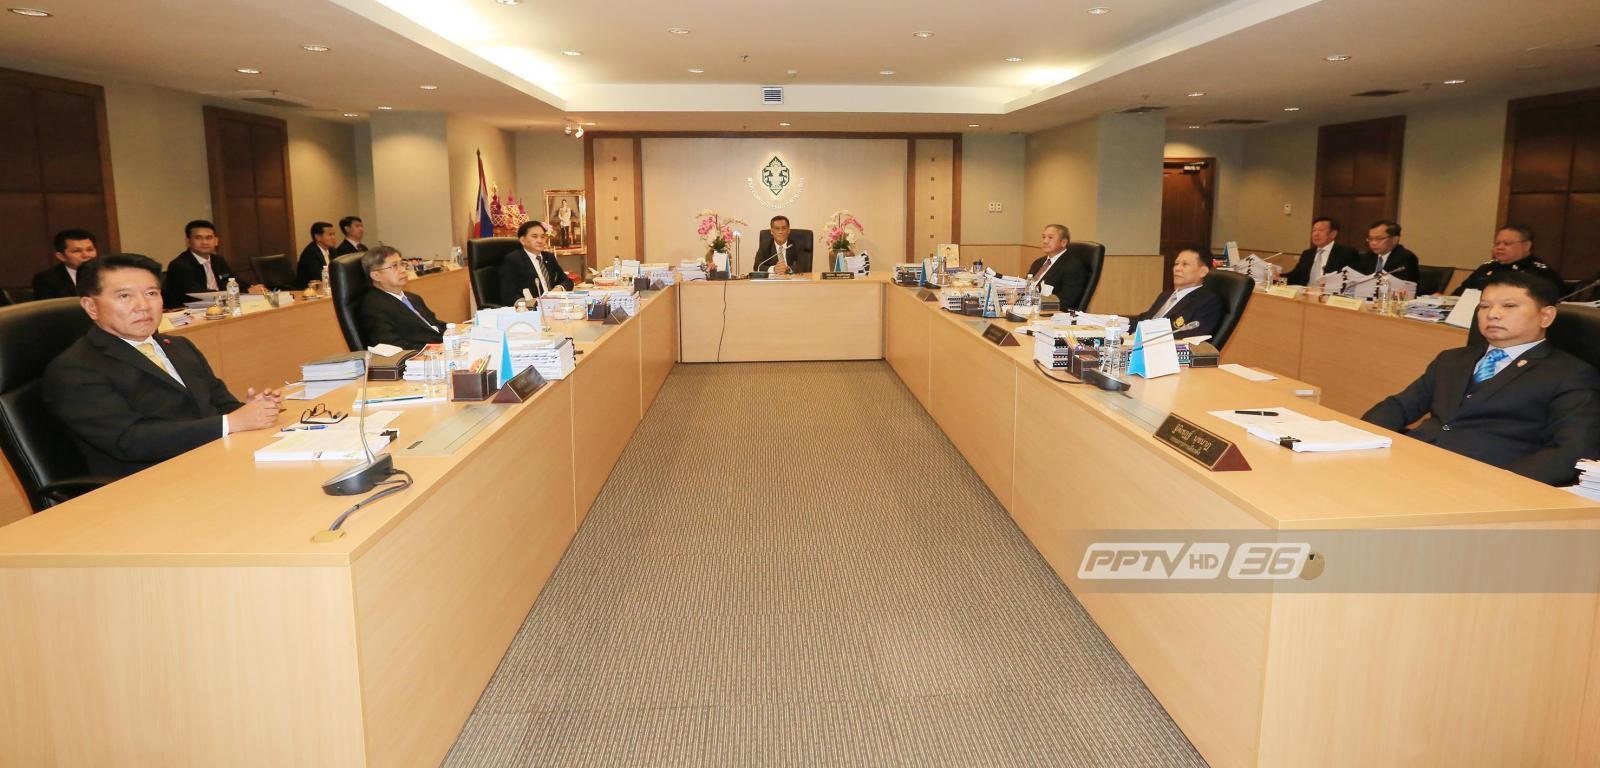 กกต.โต้ข่าวยุบพรรคไทยรักษาชาติ ย้ำประชุมยังไม่เสร็จ